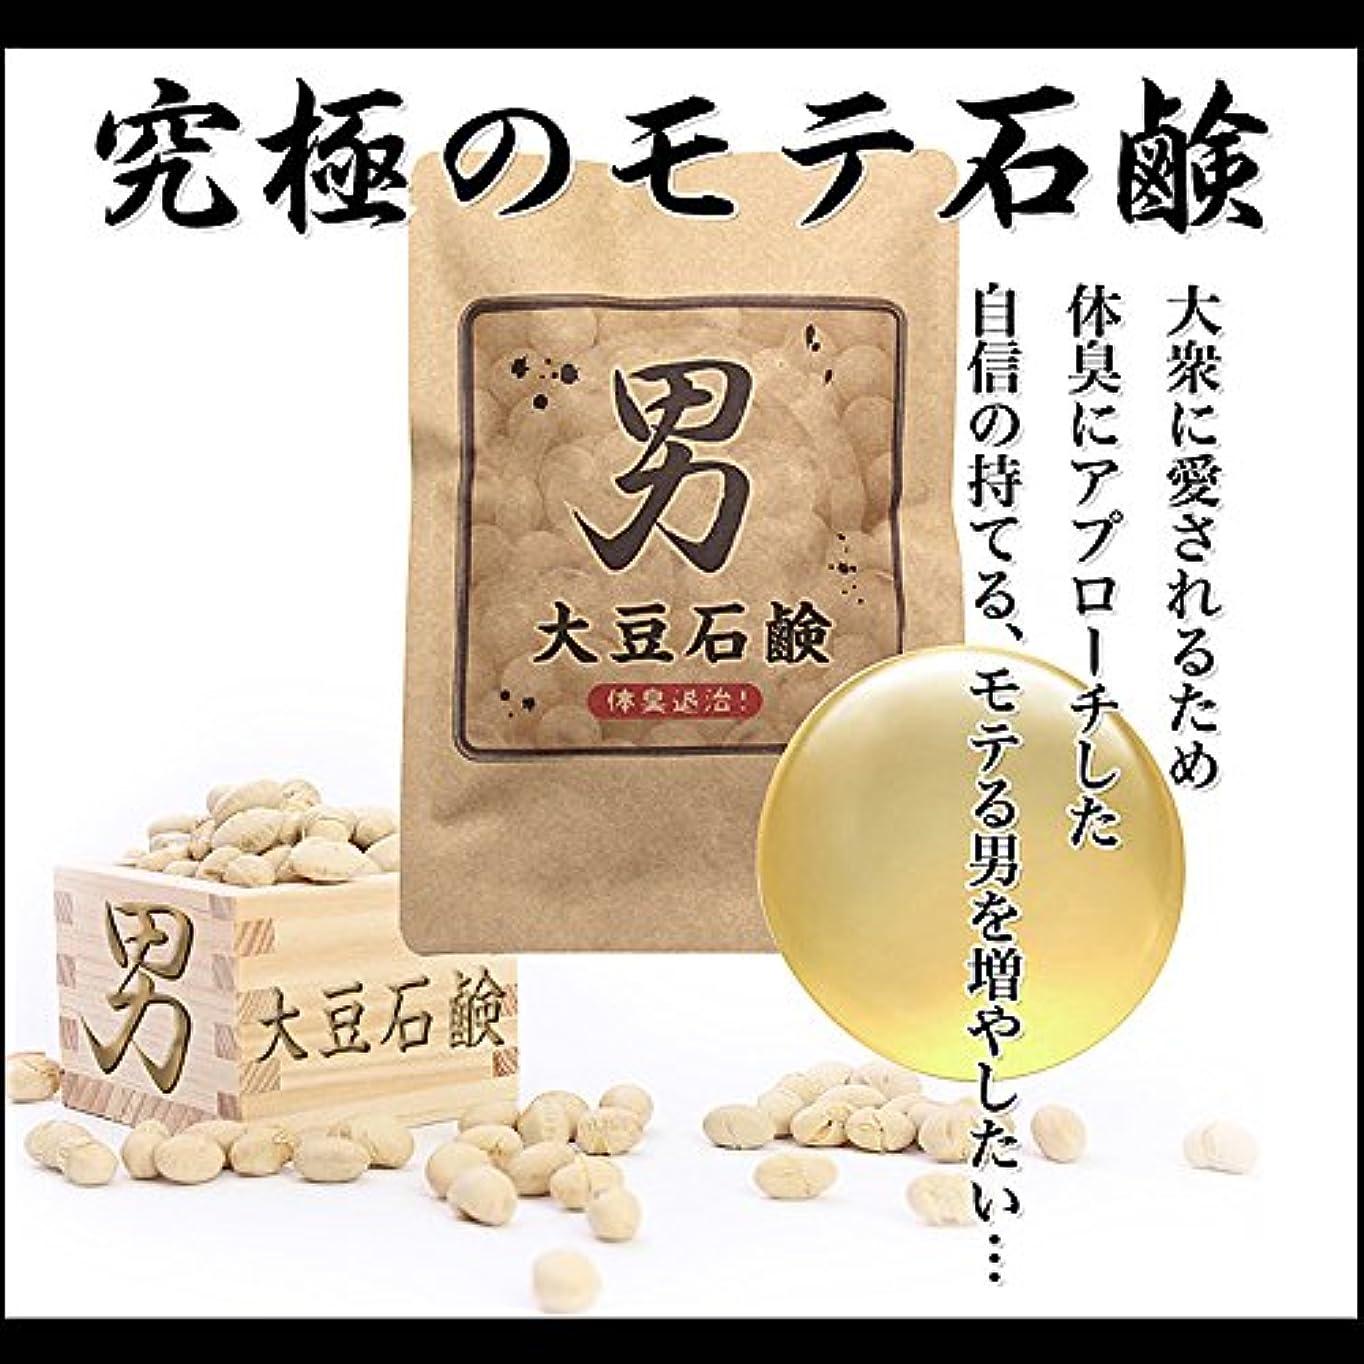 補正認証赤外線男大豆石鹸(セリュードボーテ ピュアソープ)